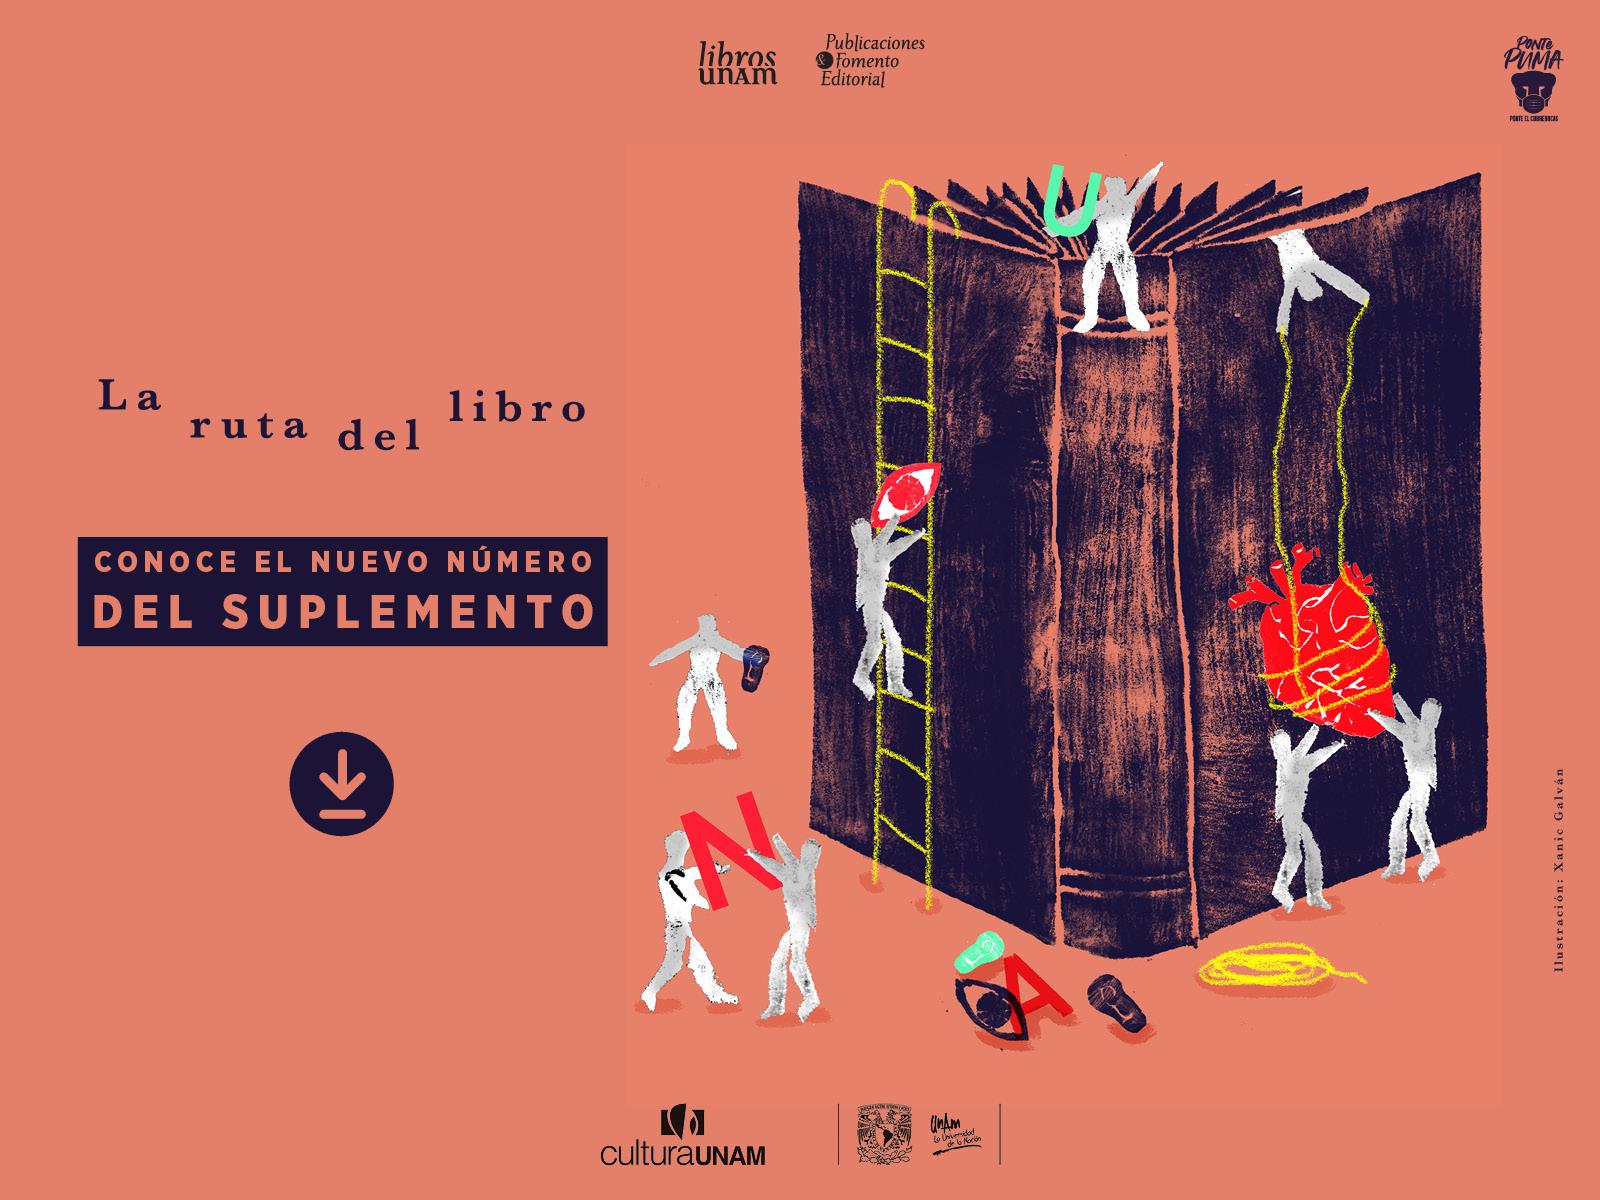 Suplemento Diciembre 2020-Enero 2021 Libros UNAM